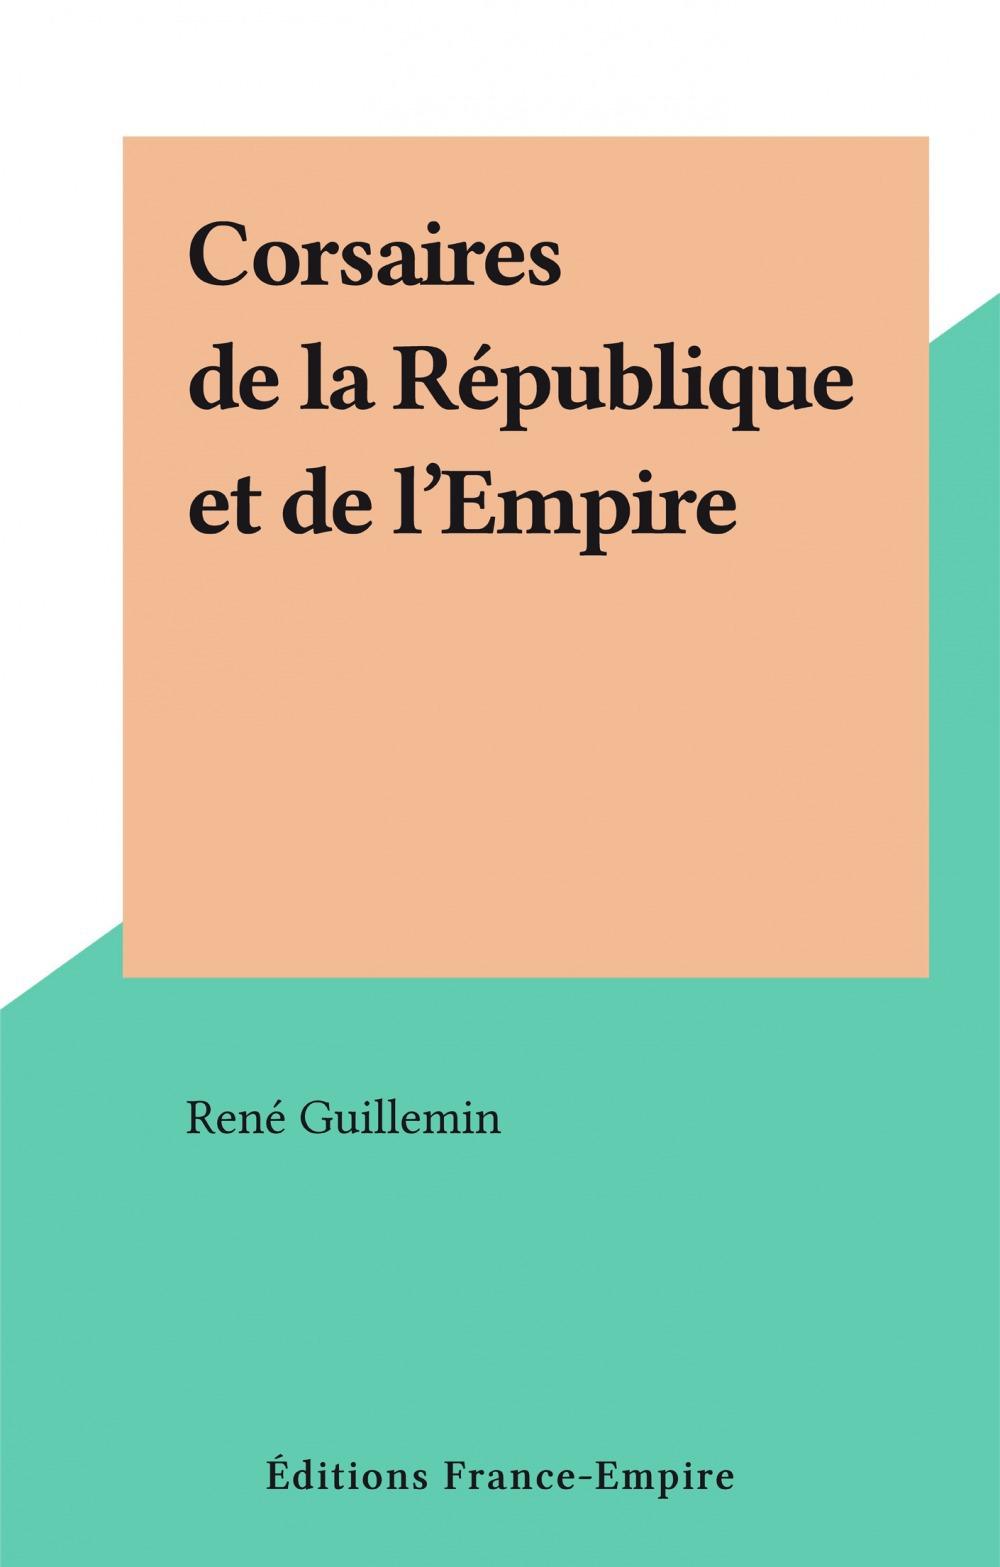 Corsaires de la République et de l'Empire